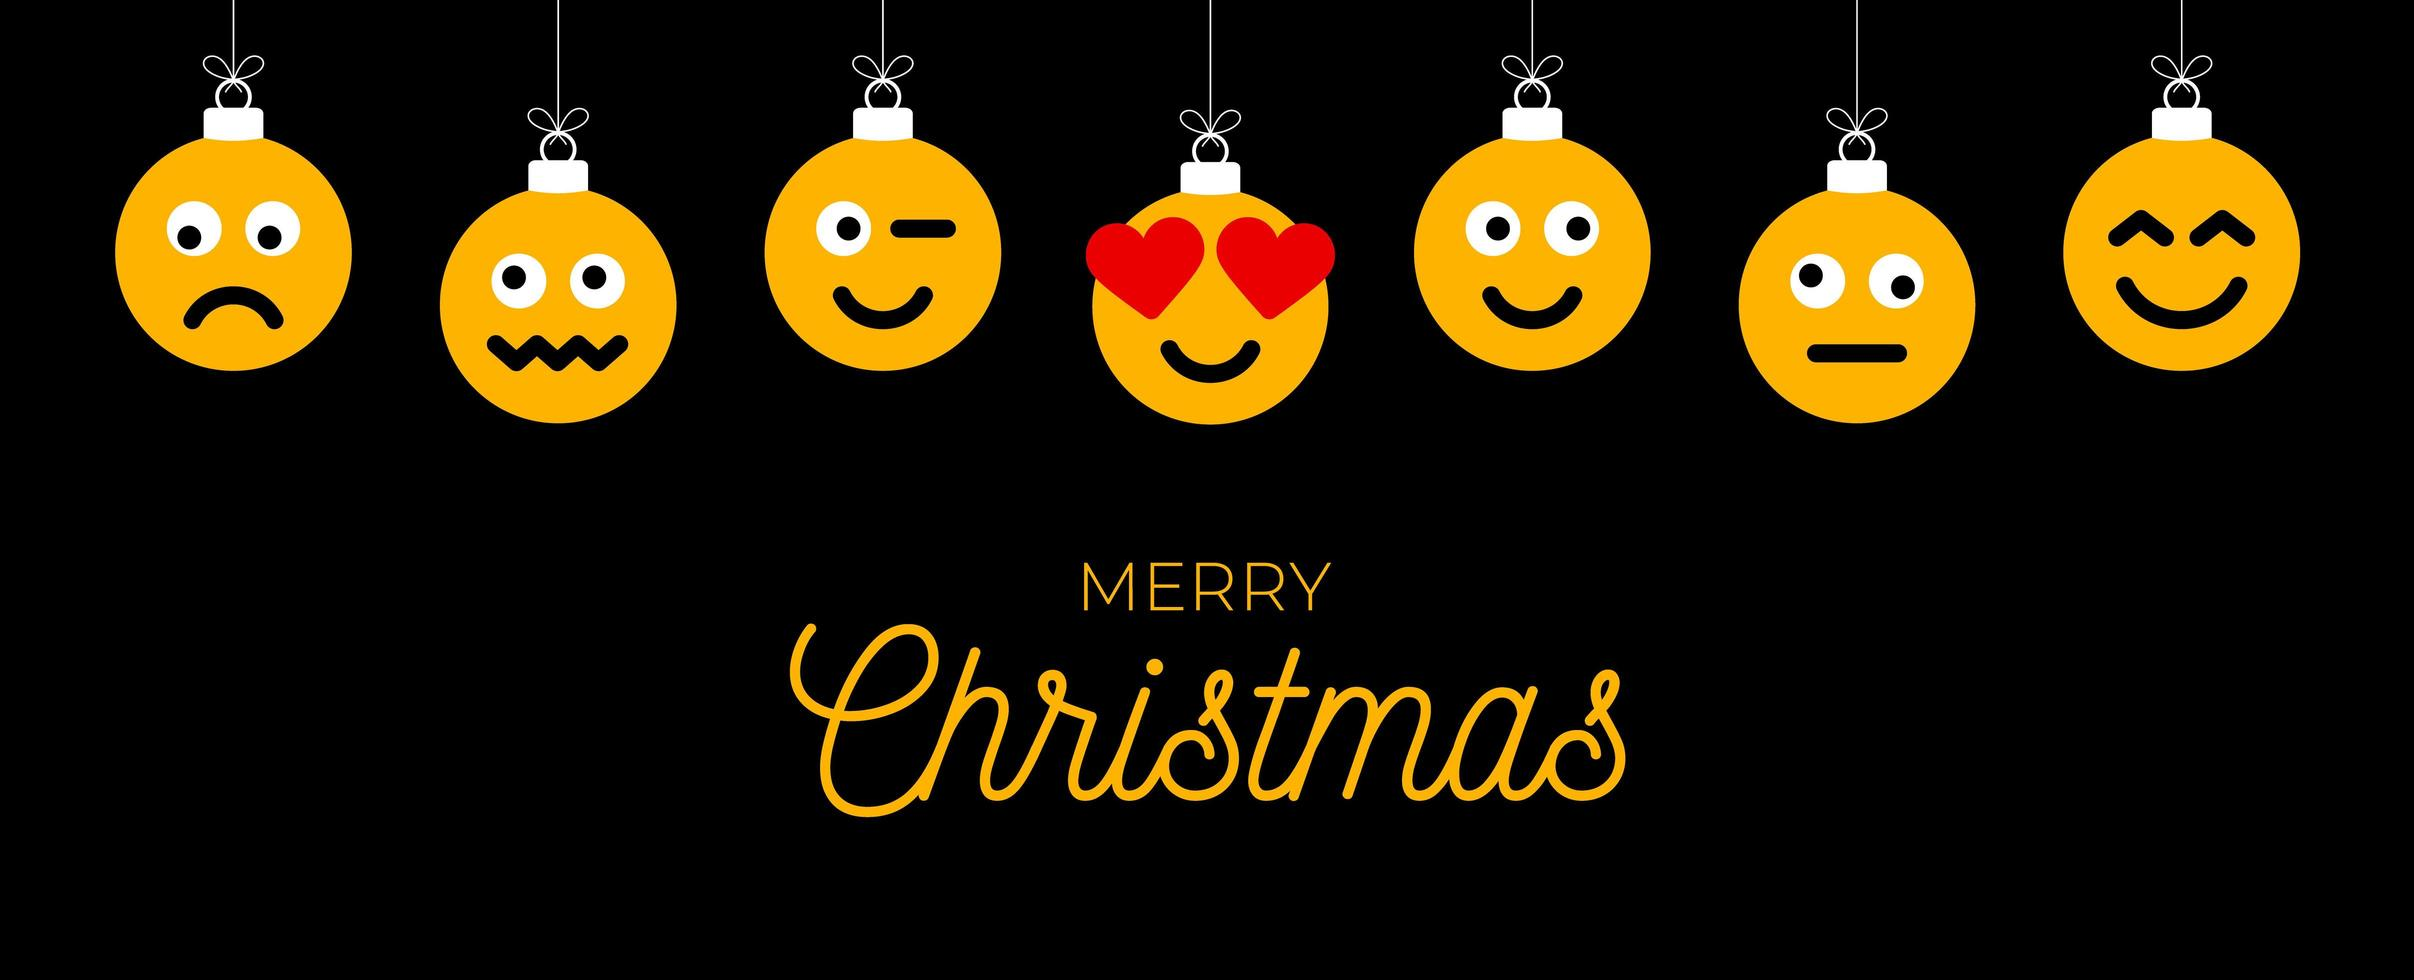 auguri di Natale con ornamenti facciali emoji vettore